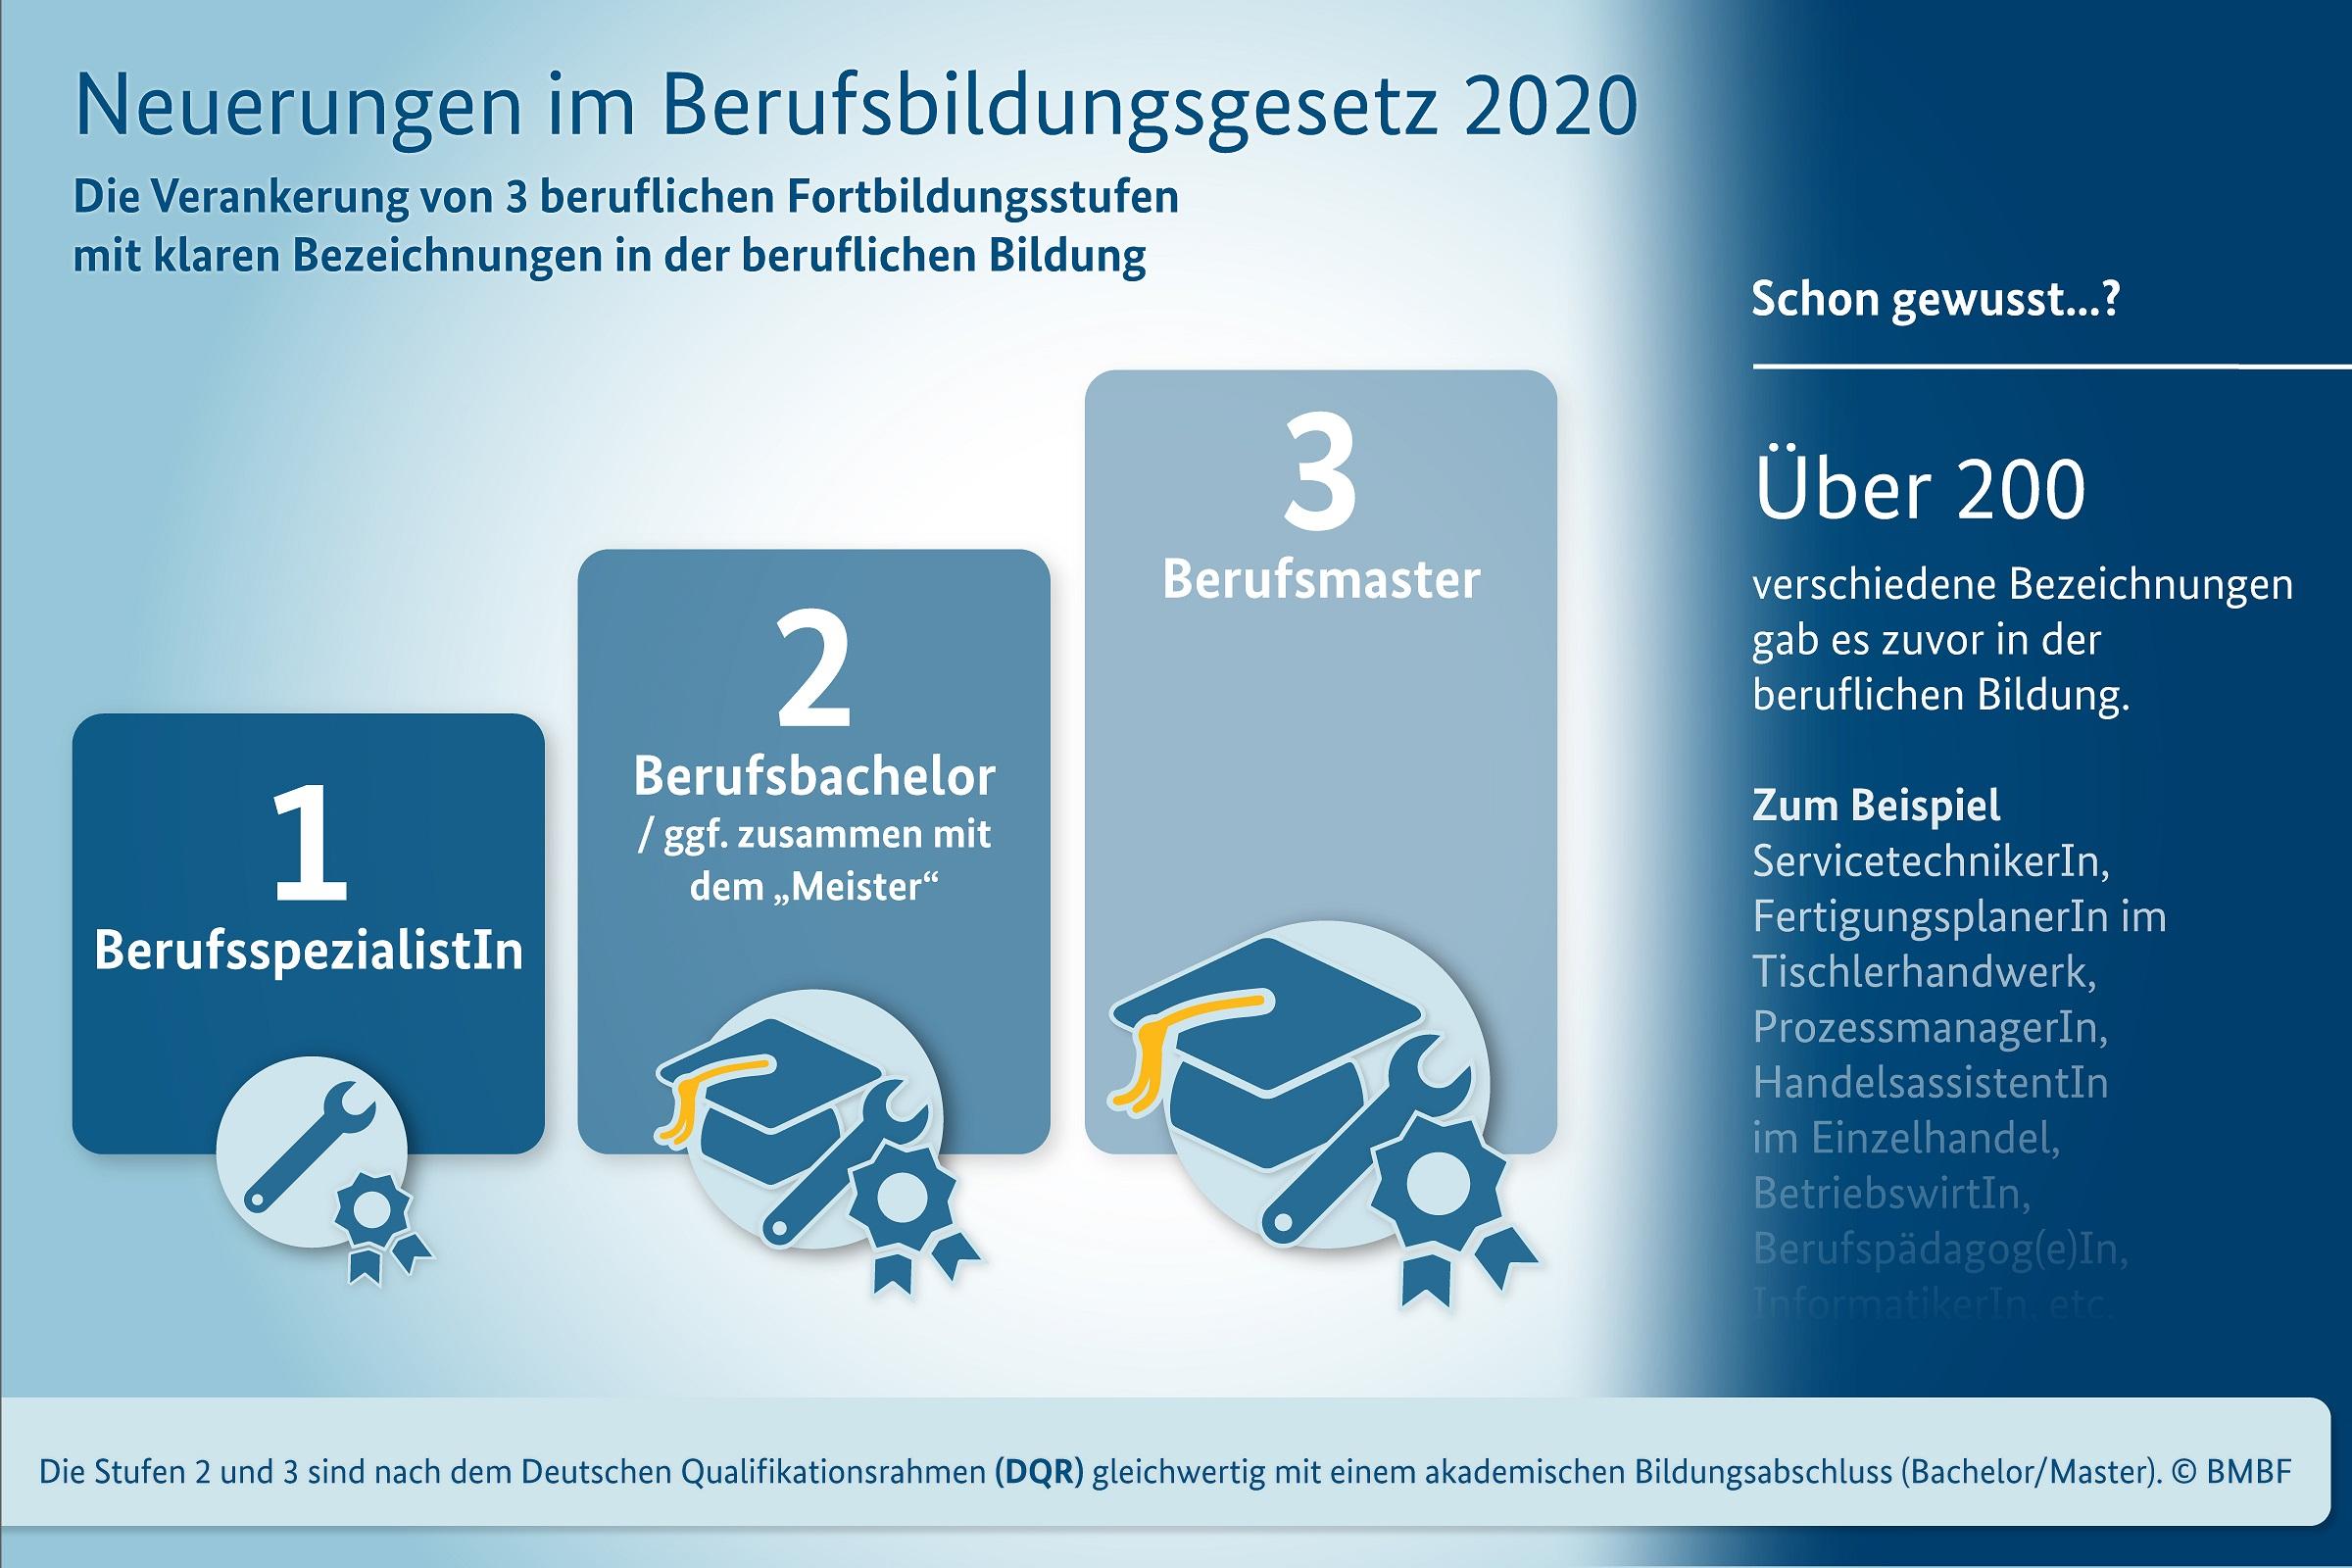 Novelle des Berufsbildungsgesetzes (BBiG) tritt 2020 in Kraft